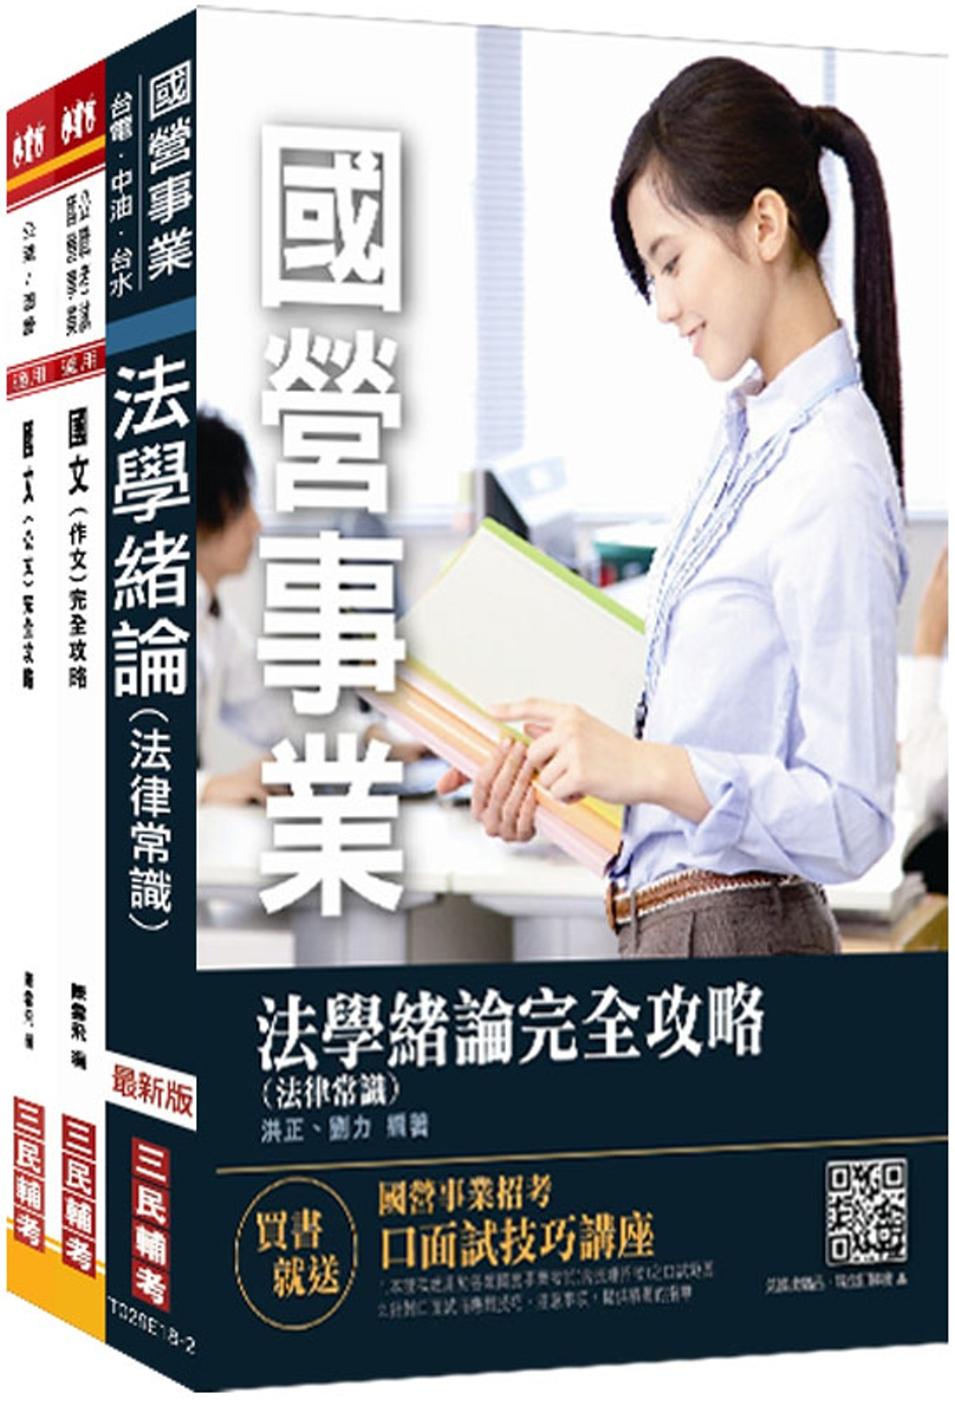 【捷運招考】2018臺中捷運甄試[經營管理類組 人資專員]套書(不含勞動基準法)